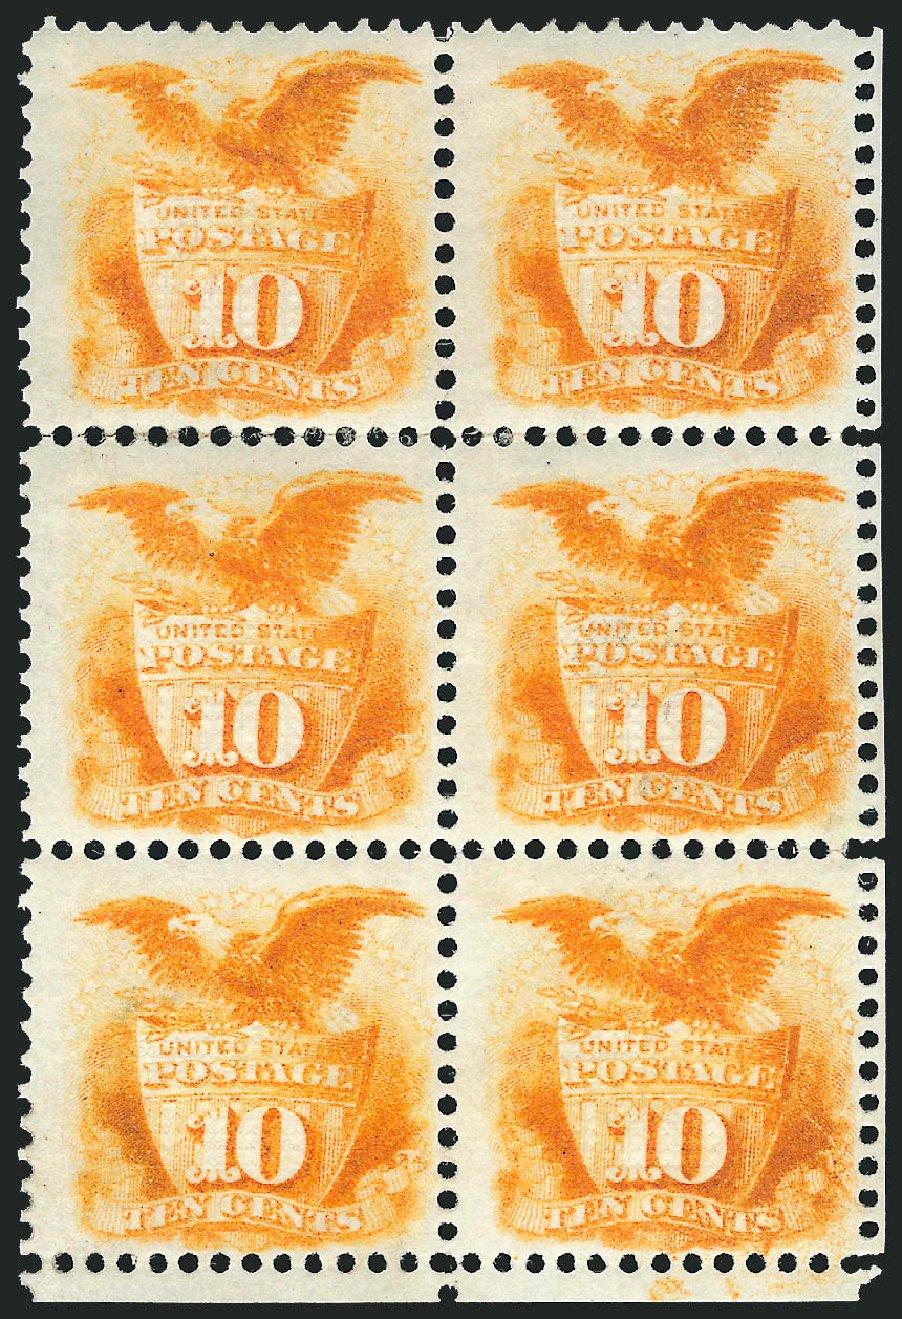 US Stamps Value Scott Catalogue 116 - 10c 1869 Pictorial Shield Eagle. Robert Siegel Auction Galleries, Apr 2015, Sale 1096, Lot 223